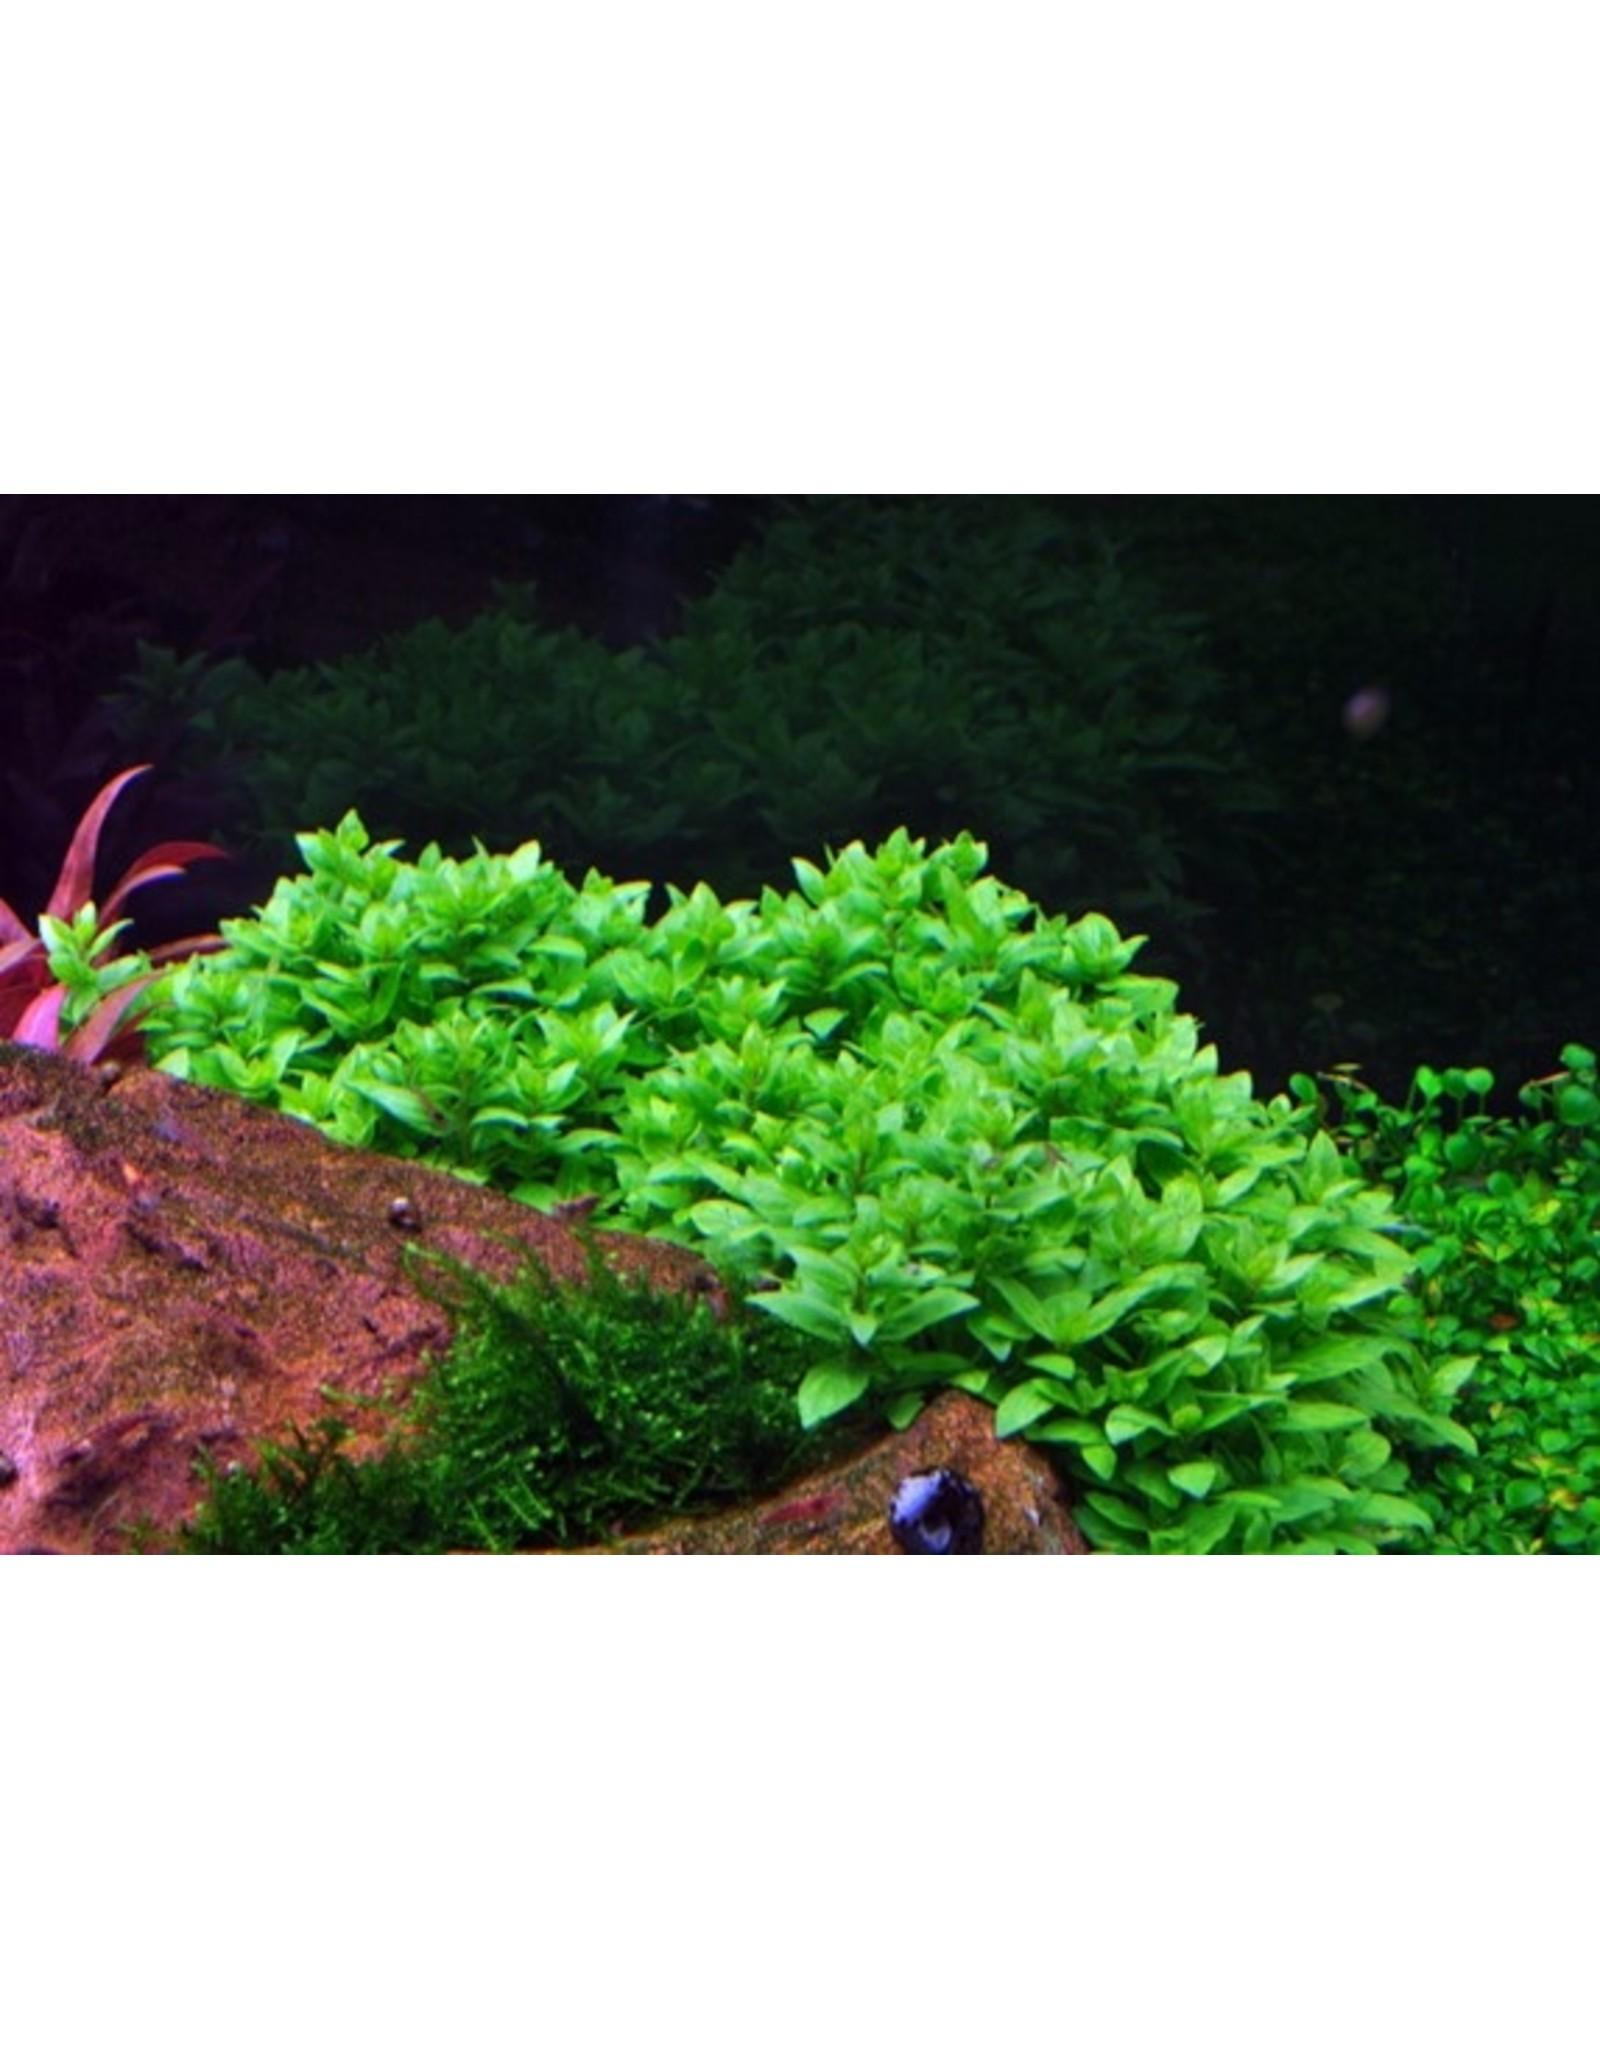 Tropica 1-2-GROW! Staurogyne repens